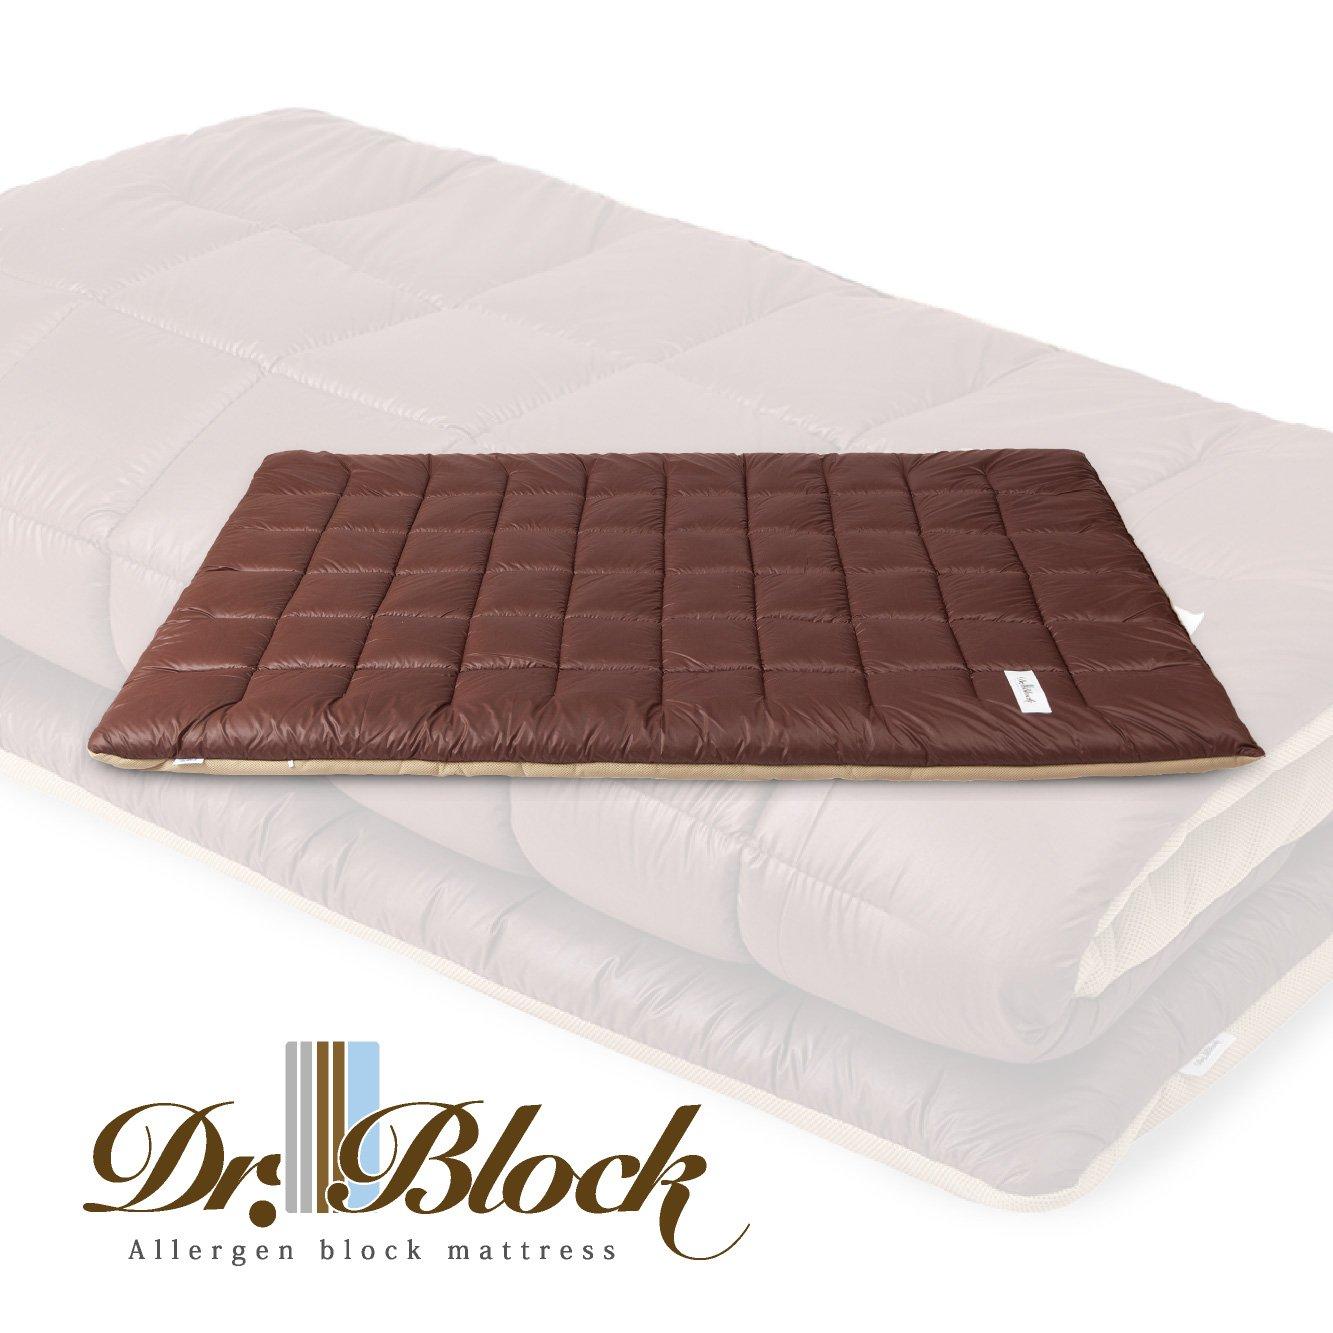 ドクターブロック Dr.Block 国産 防ダニ  敷布団 セミダブルサイズ B06XDGWVV4